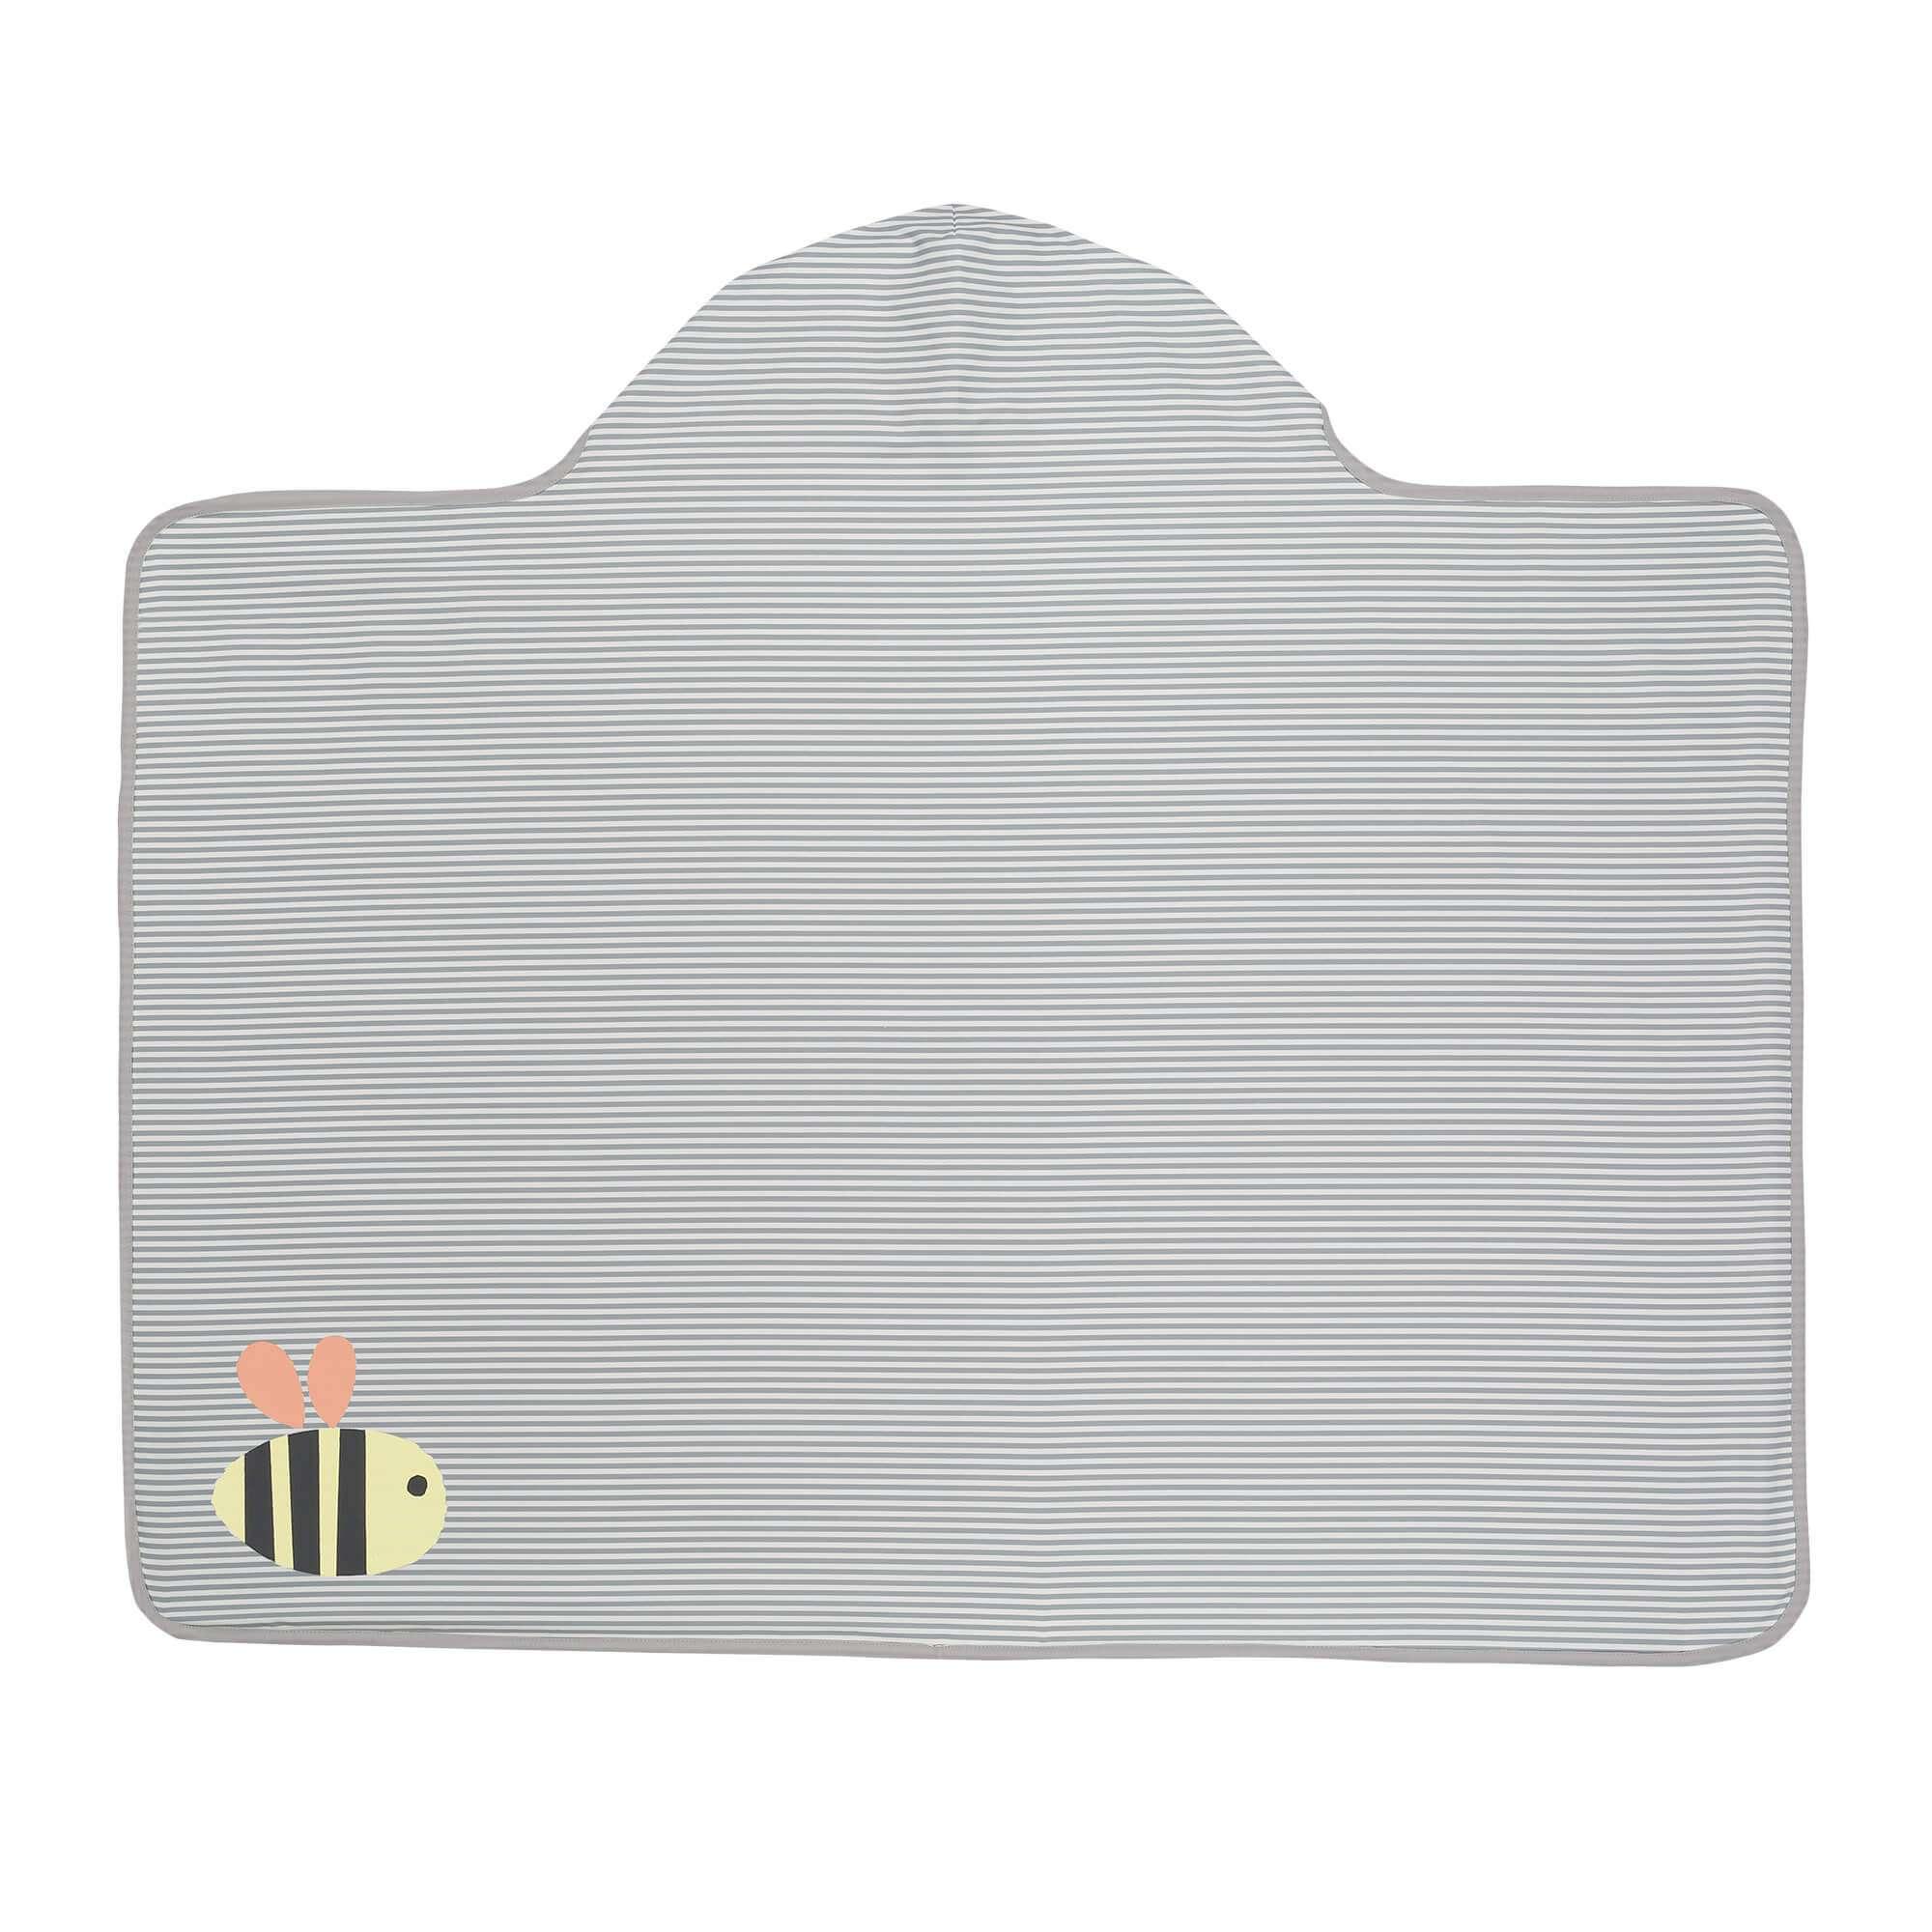 Lässig hooded towel girls bumble bee lÄssig fashion jpg 2000x2000 Bee  hooded towel fd5c8c1c9